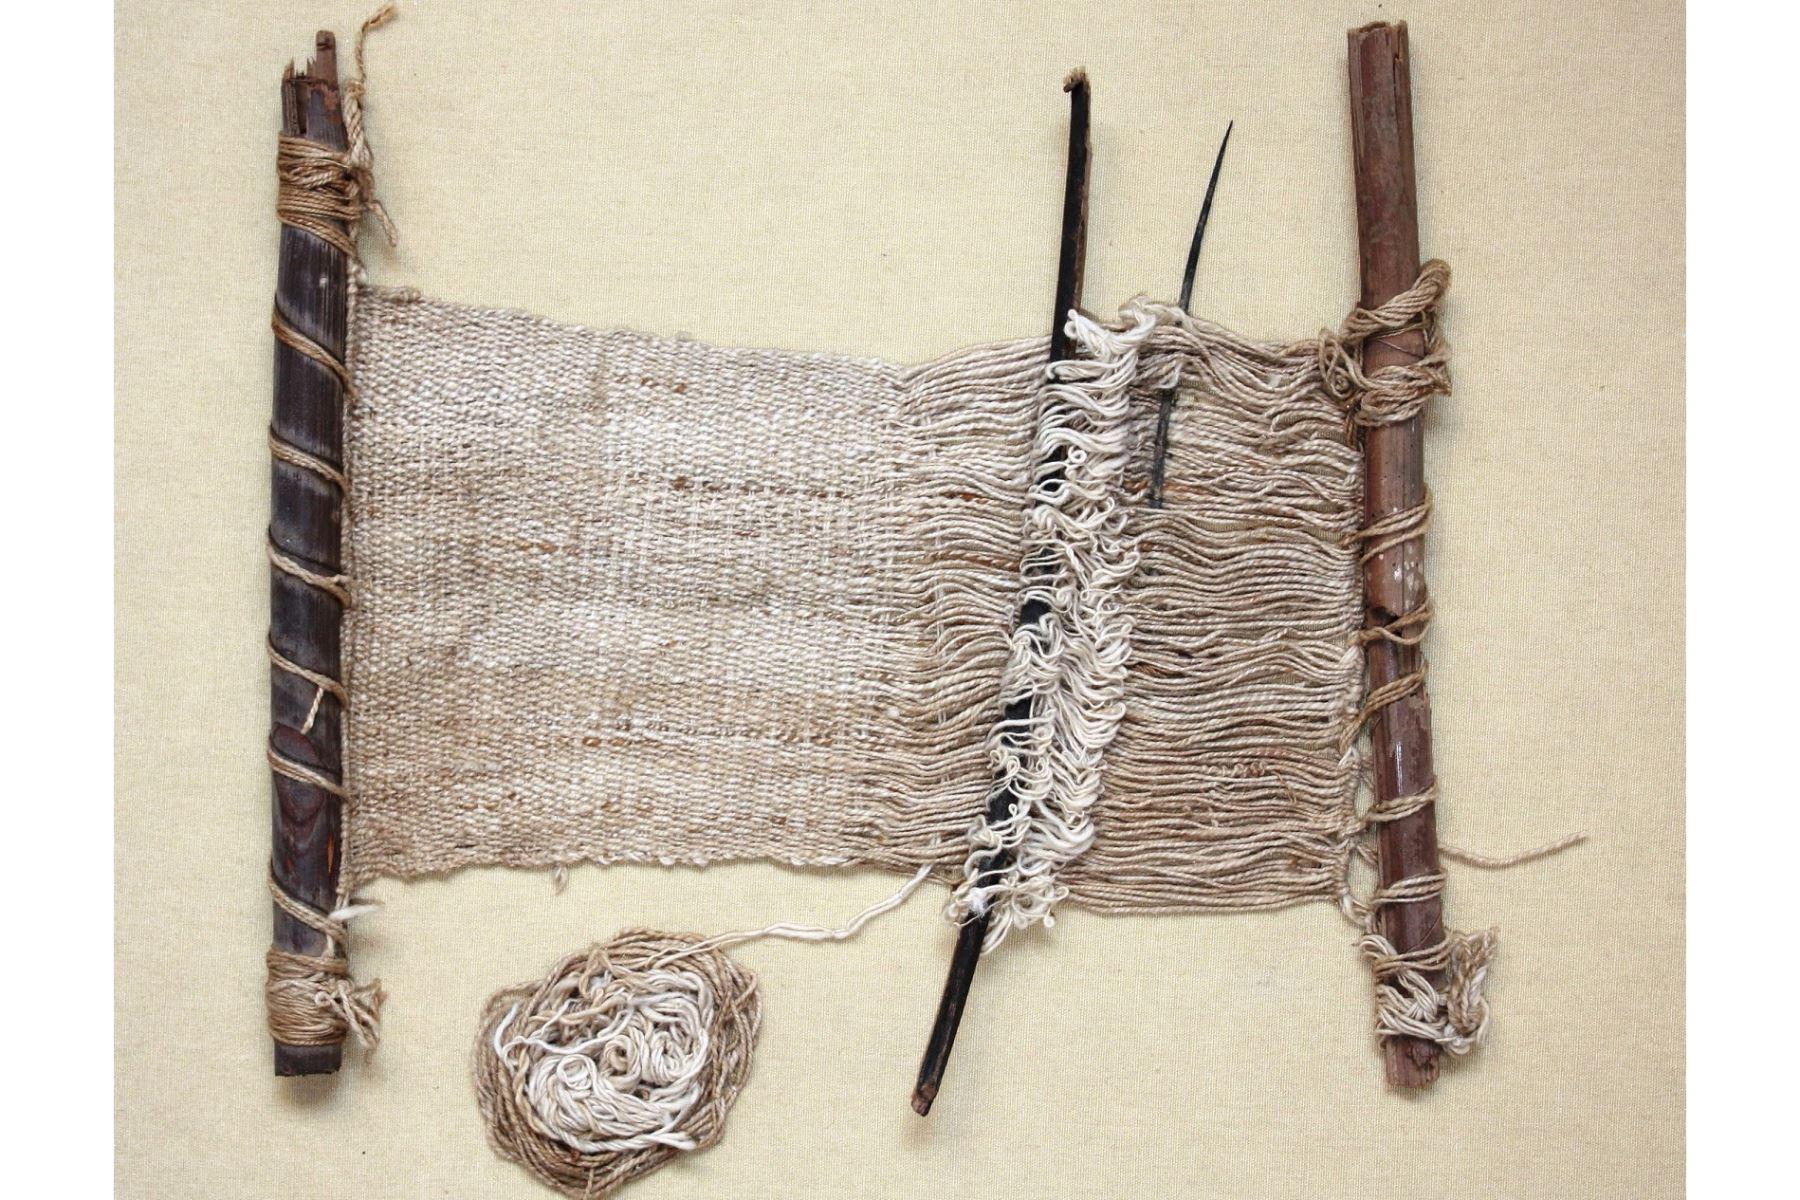 Tejidos con finos acabados y miniaturas de la cultura Wari son hallados en contextos funerarios en la huaca Malena de Asia.Foto: ANDINA/Rommel Angeles